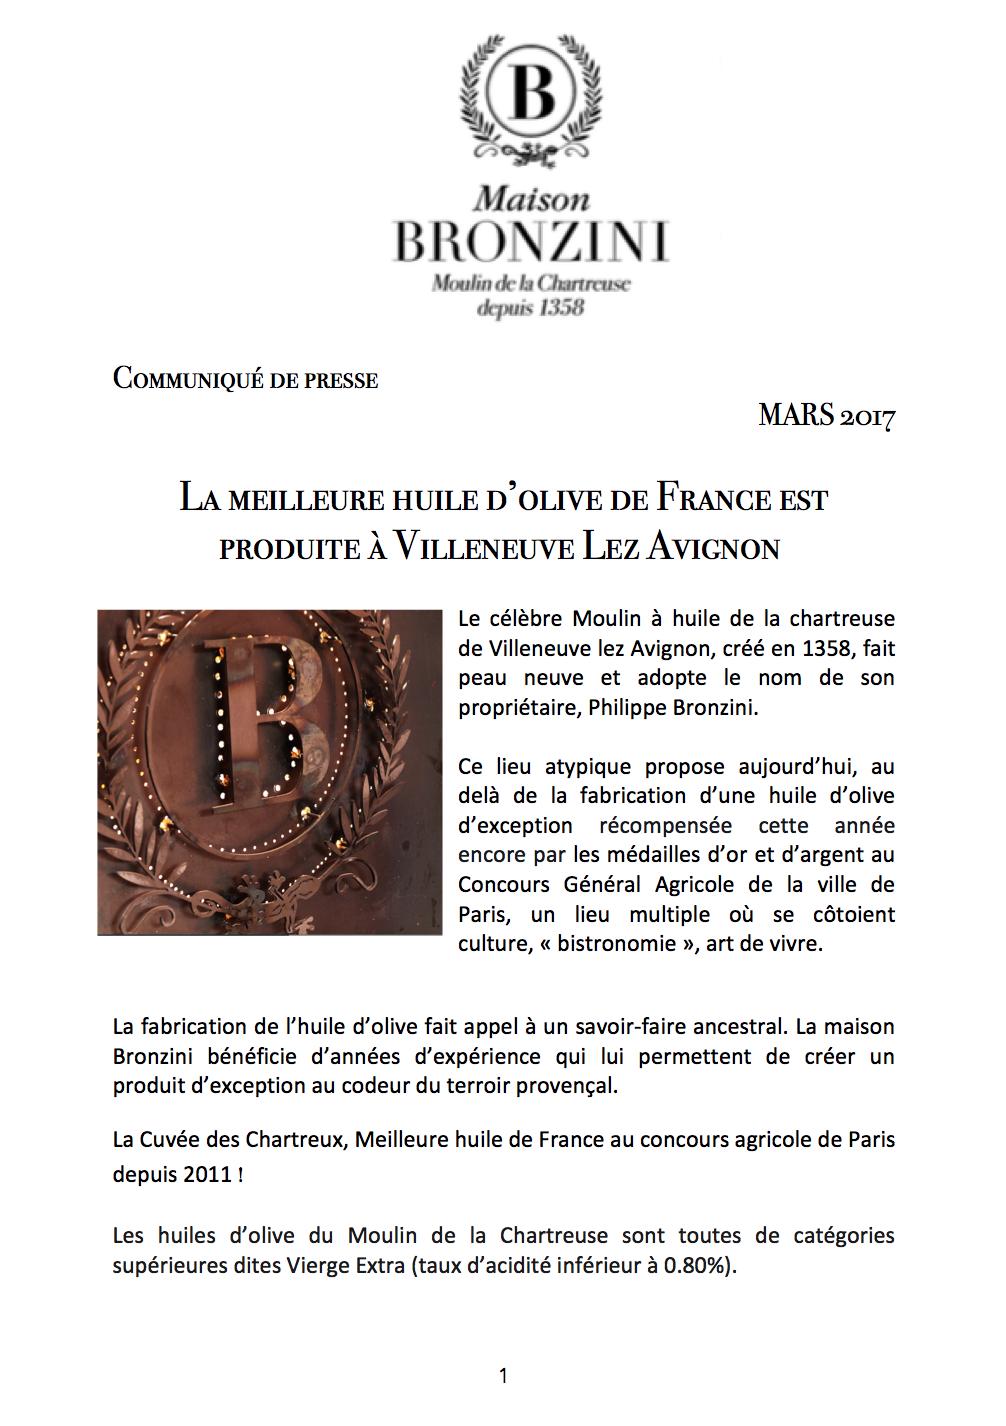 MAISON BRONZINI - Communiqué de presse